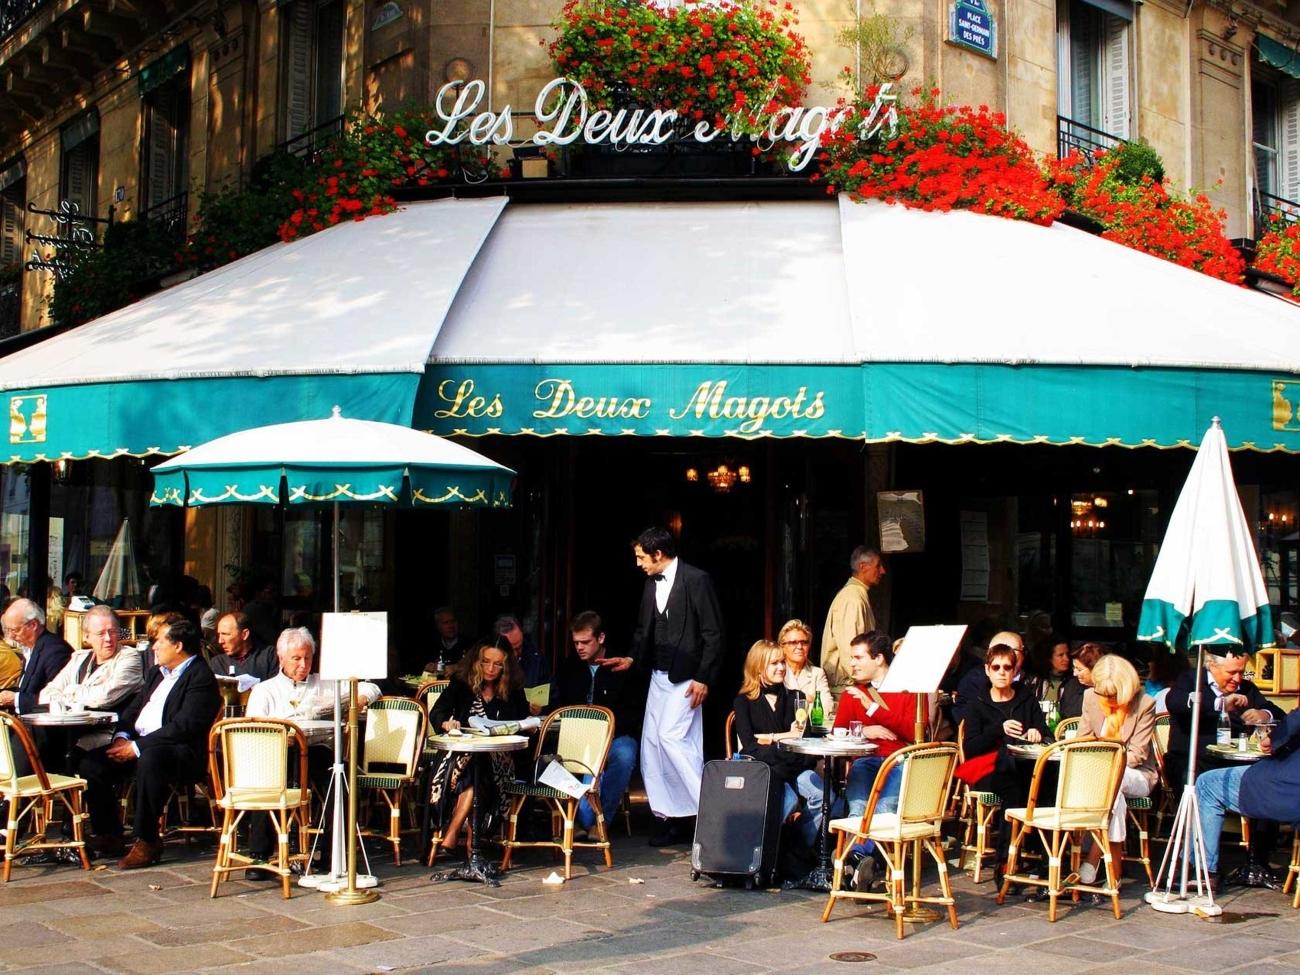 parizs_foto_pixabay_com.jpg